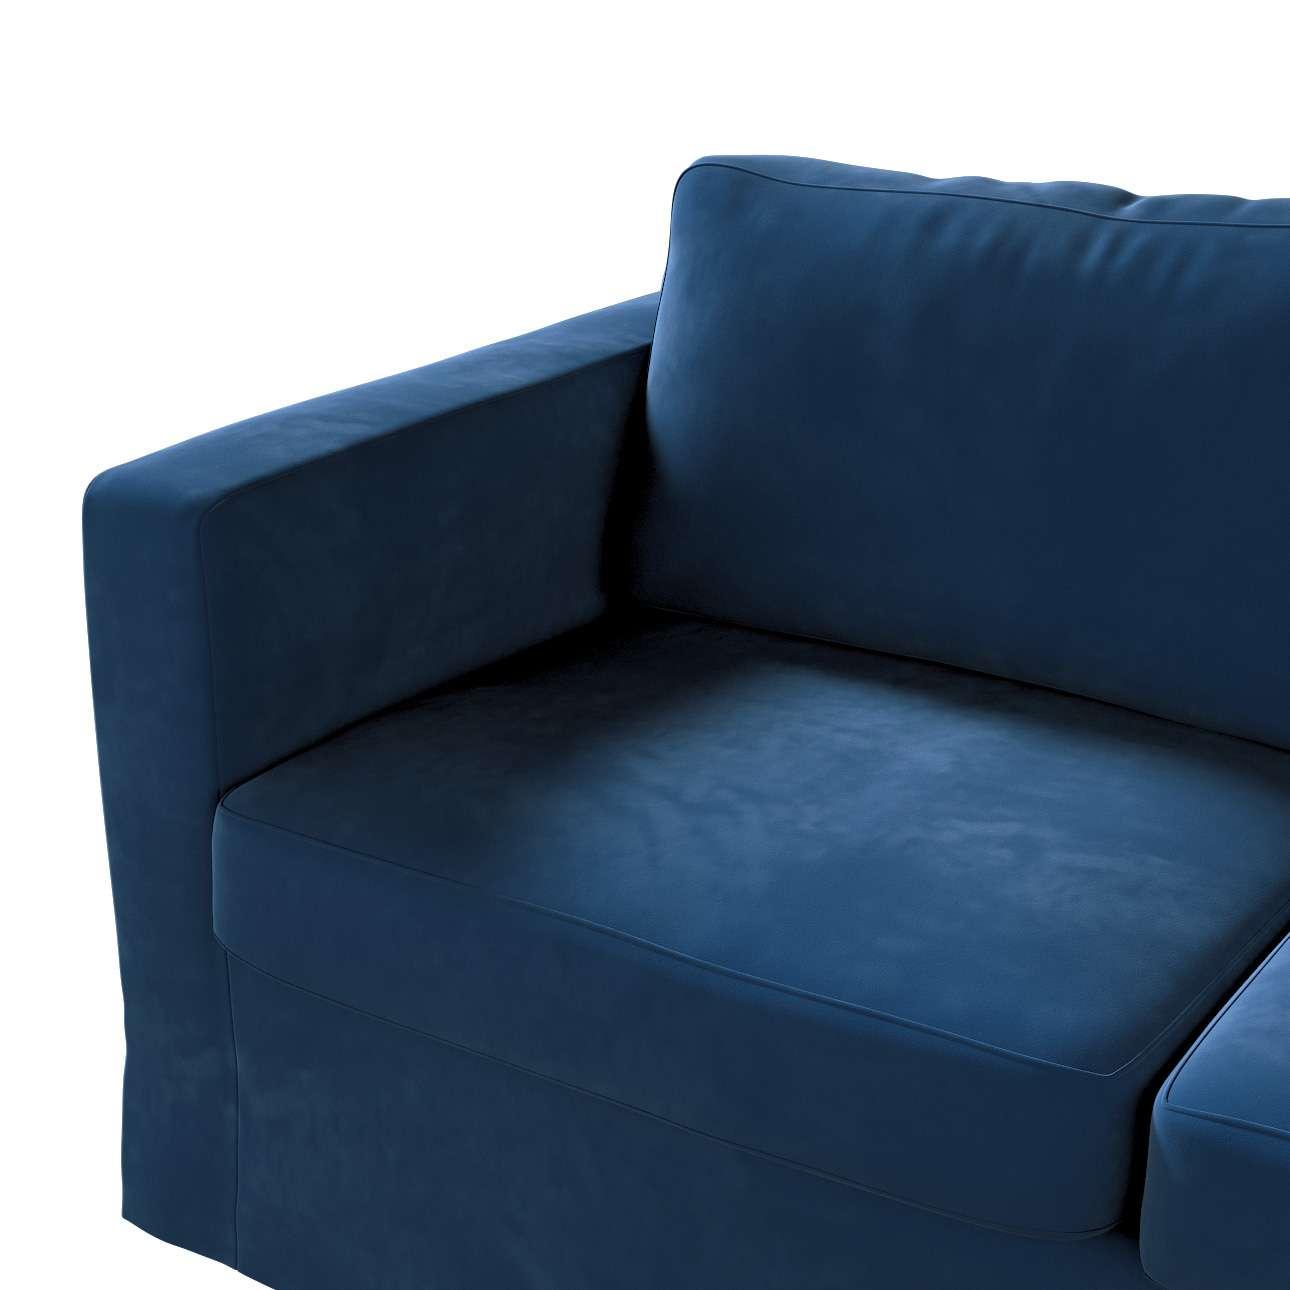 Pokrowiec na sofę Karlstad 2-osobową nierozkładaną długi w kolekcji Velvet, tkanina: 704-29